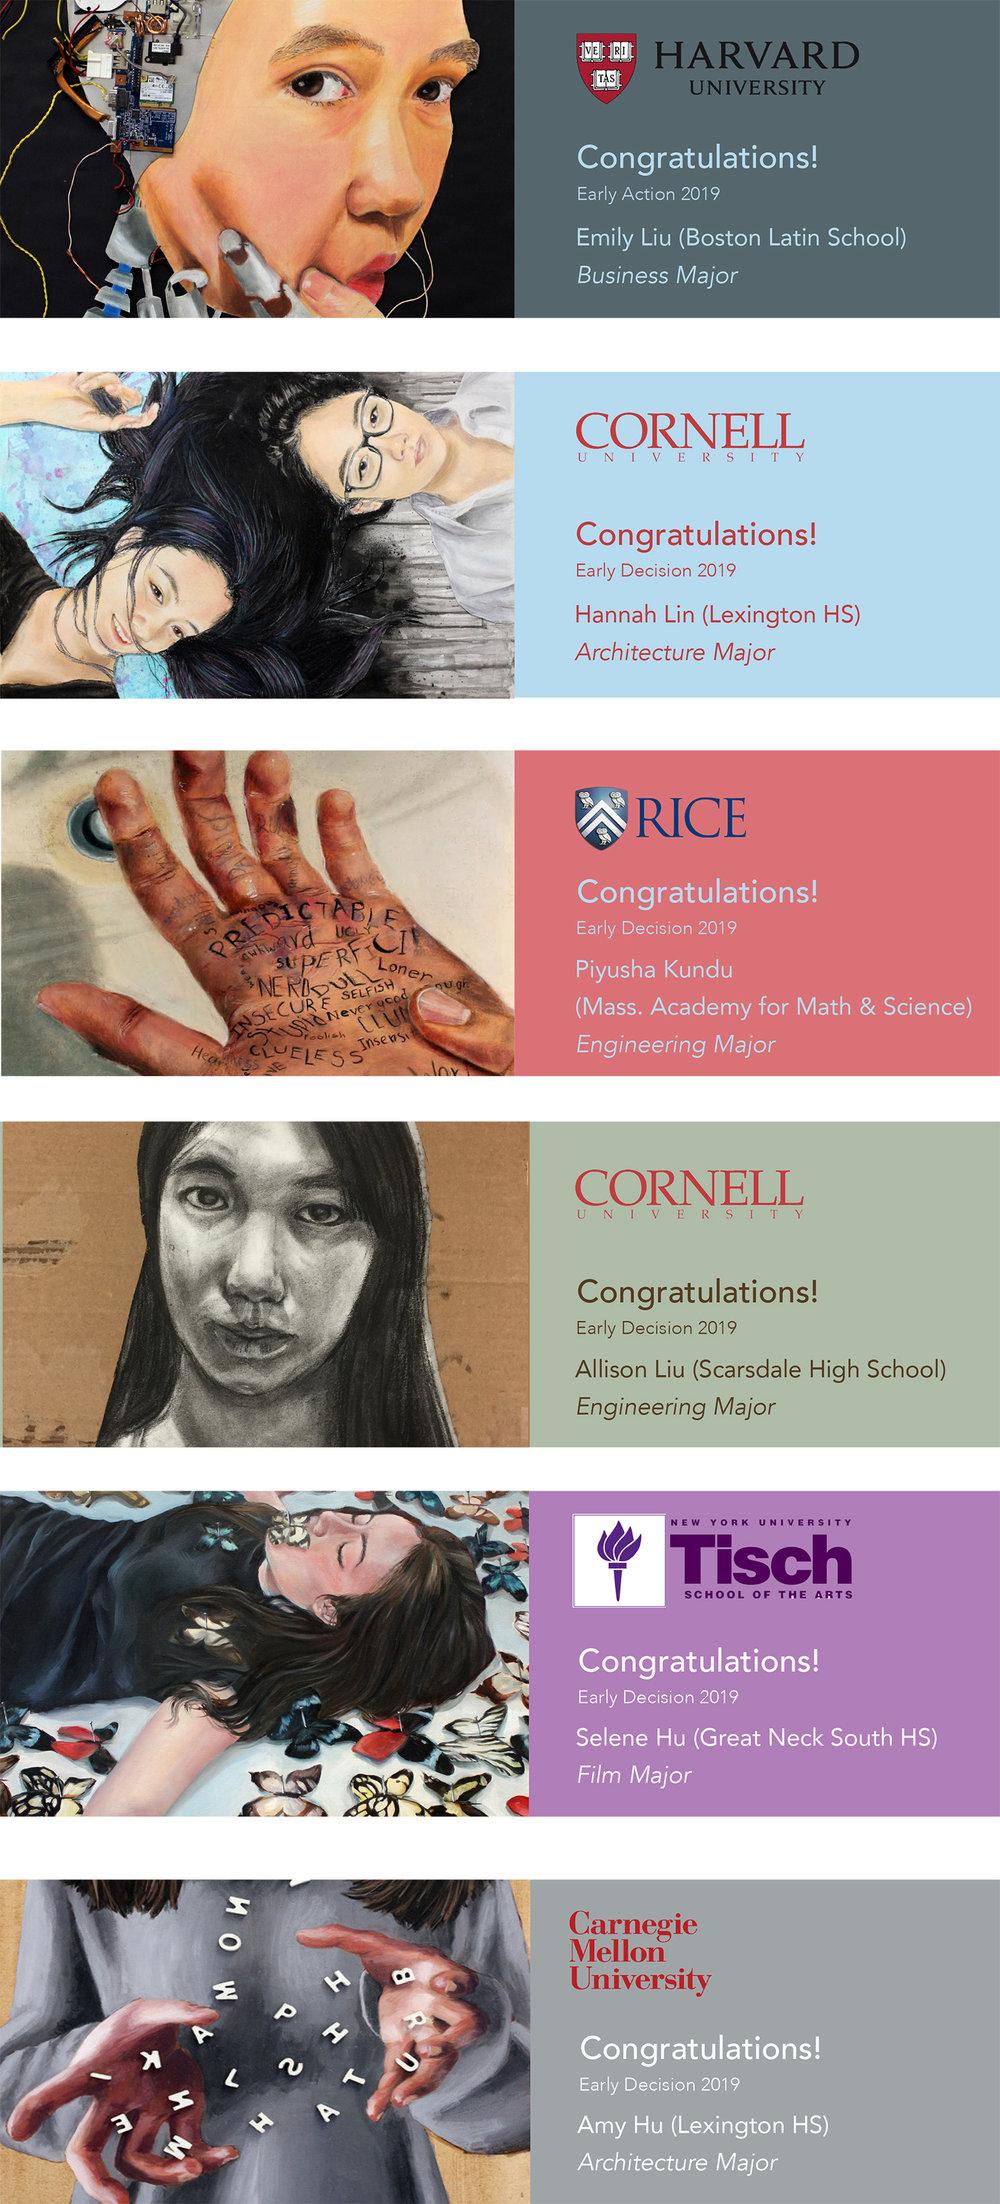 Harvard_Cornell 2_Rice_NYU_CMU.jpg